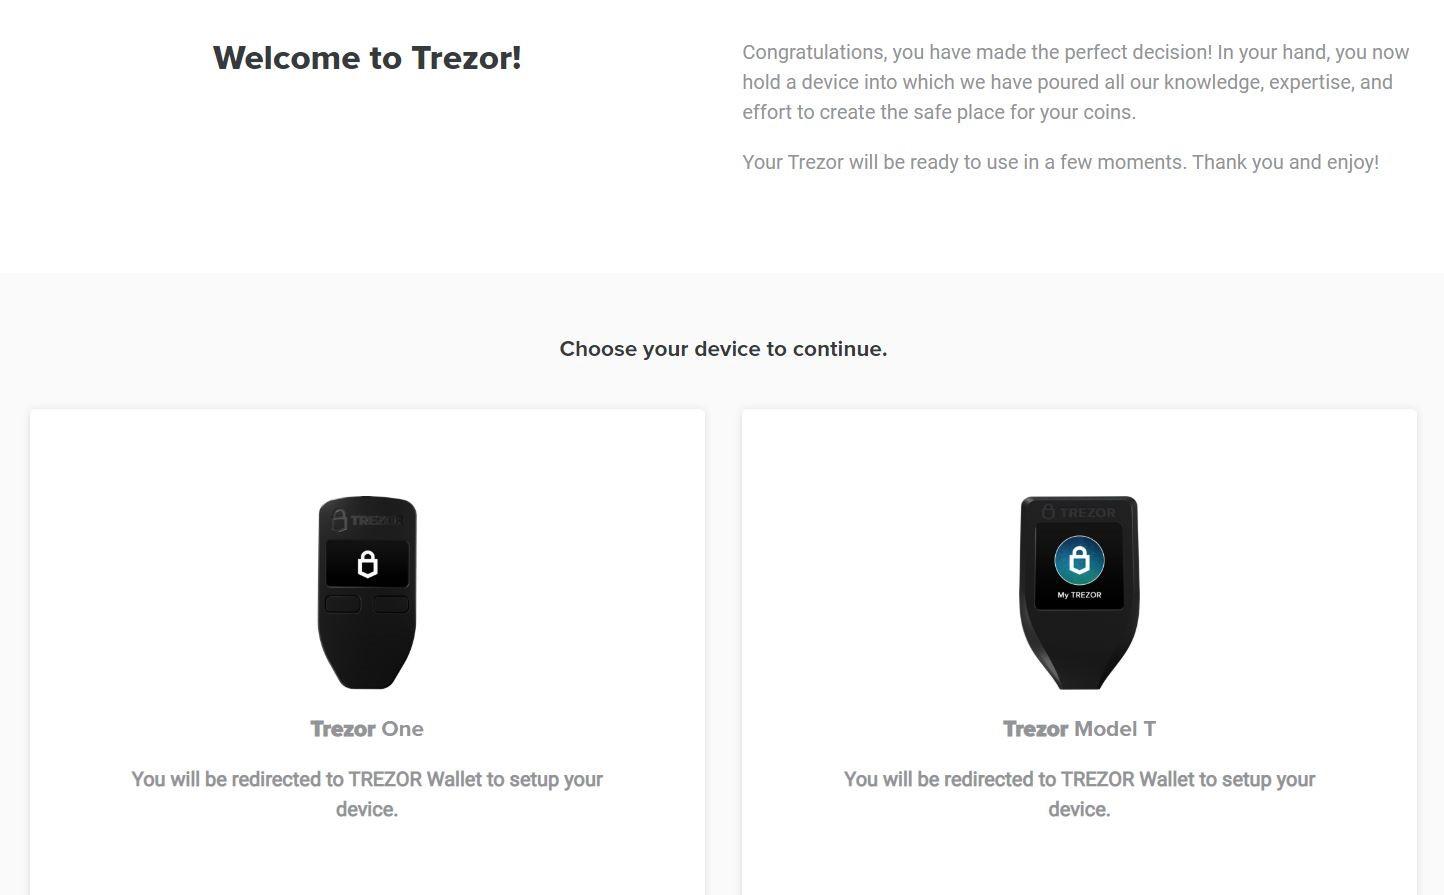 Trezor Website